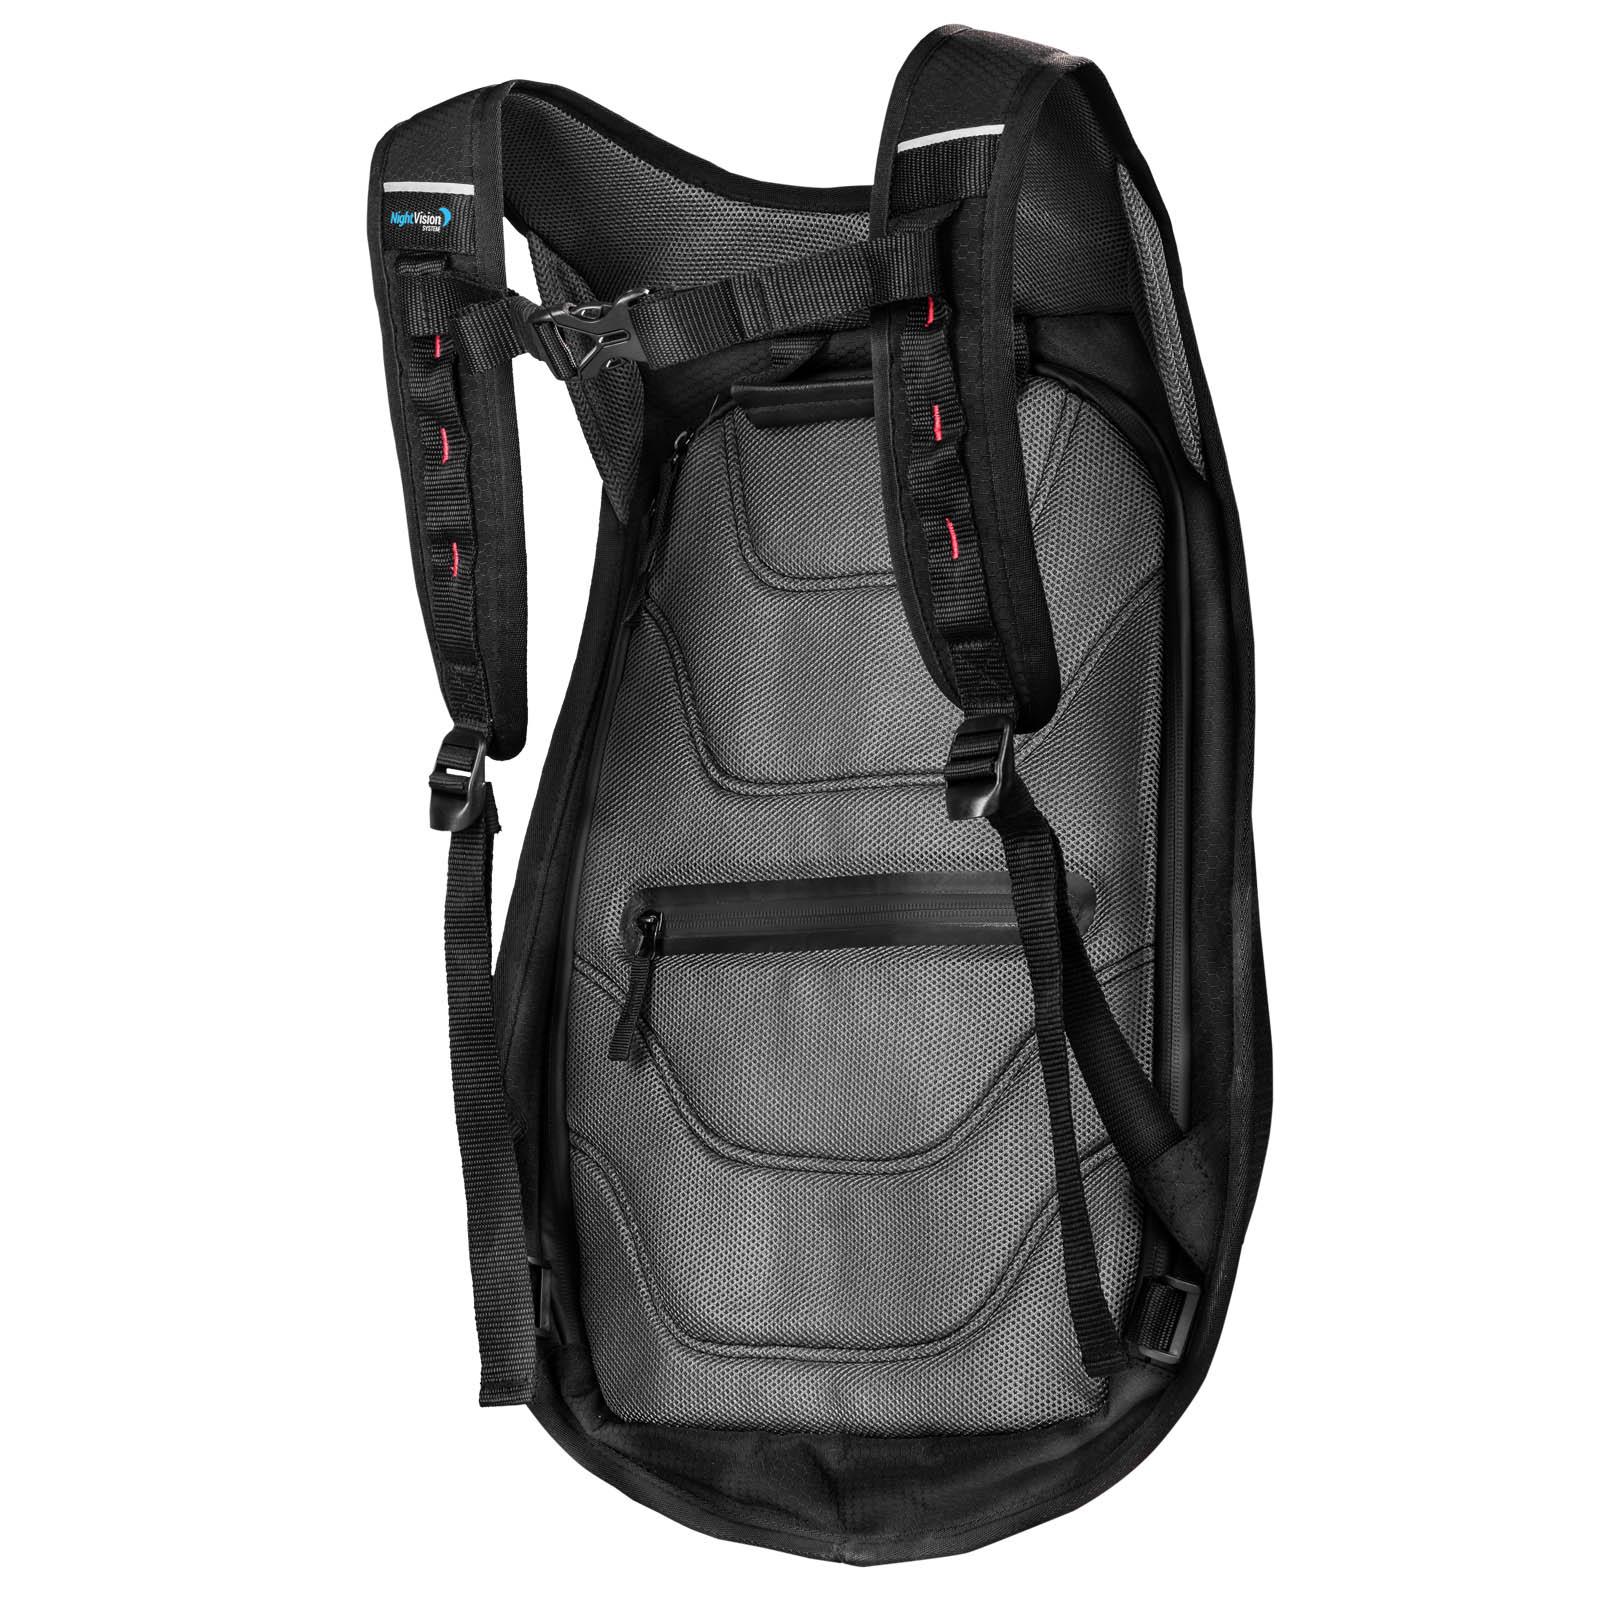 Рюкзак мотоциклетный AYRO BACKPACK вид сзади купить по низкой ценеAyro Backpack